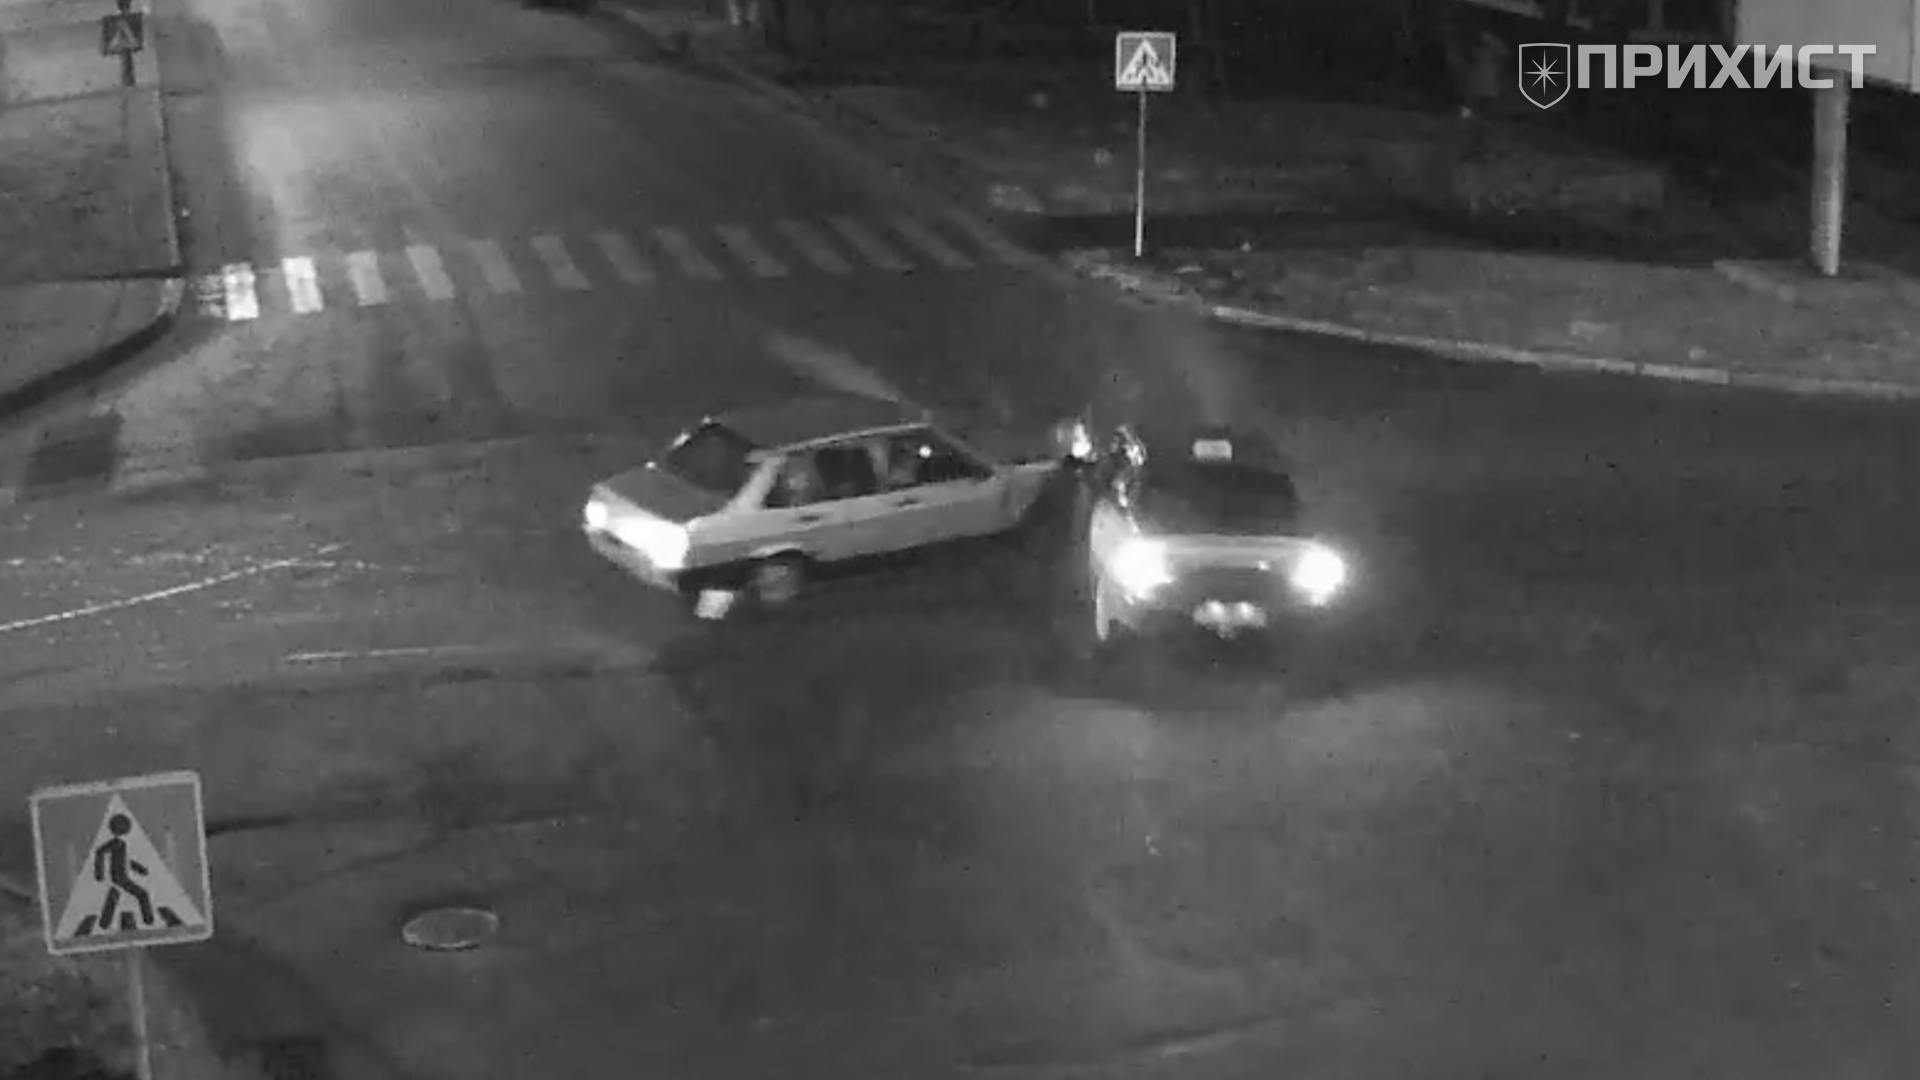 На пересечении ул. Некрасова и Шевченко столкнулись два автомобиля | Прихист